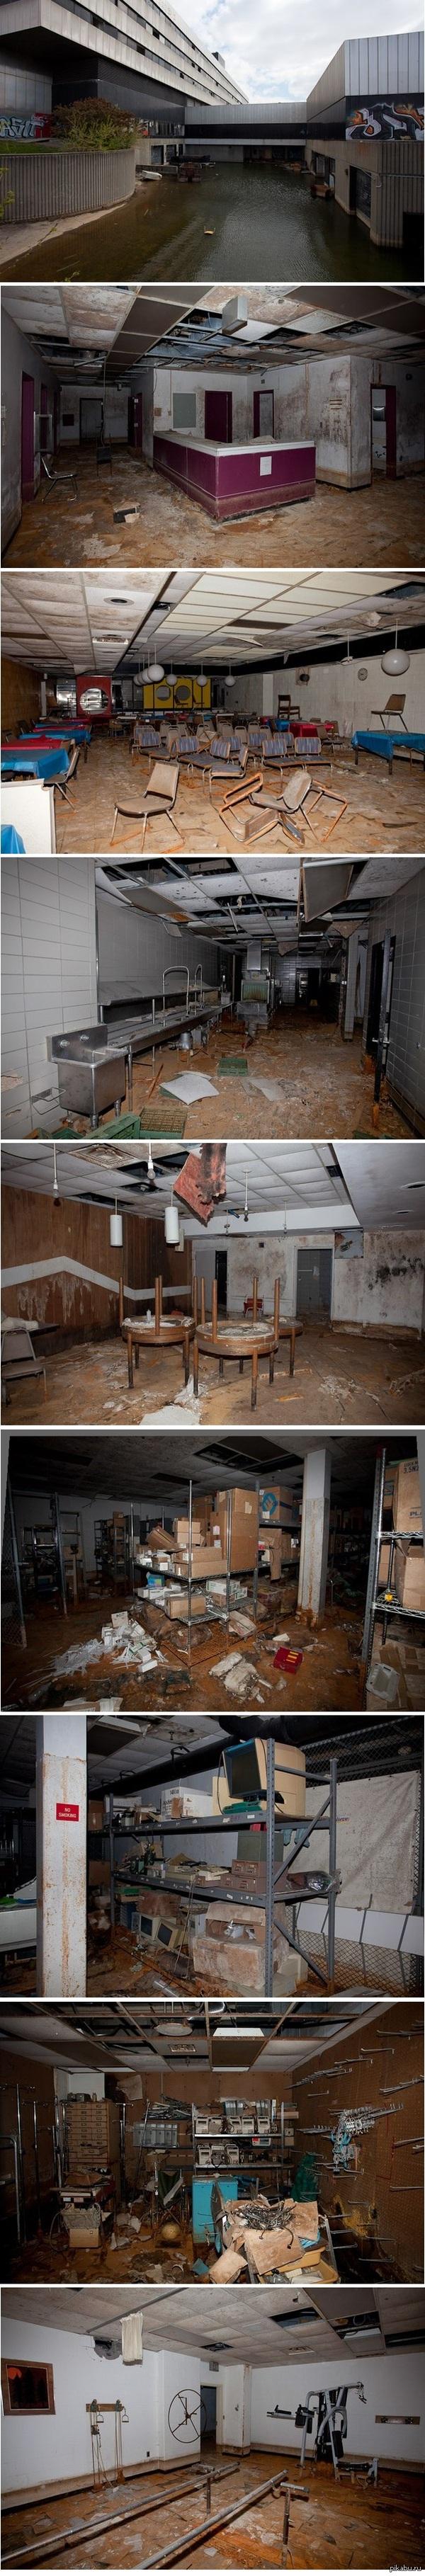 Заброшенная больница United Southwest General Hospital. Детройт, штат Мичиган, США.  Закрыта в 2006 году.     При просмотре последнего фото атлеты испытают неописуемое разочарование.